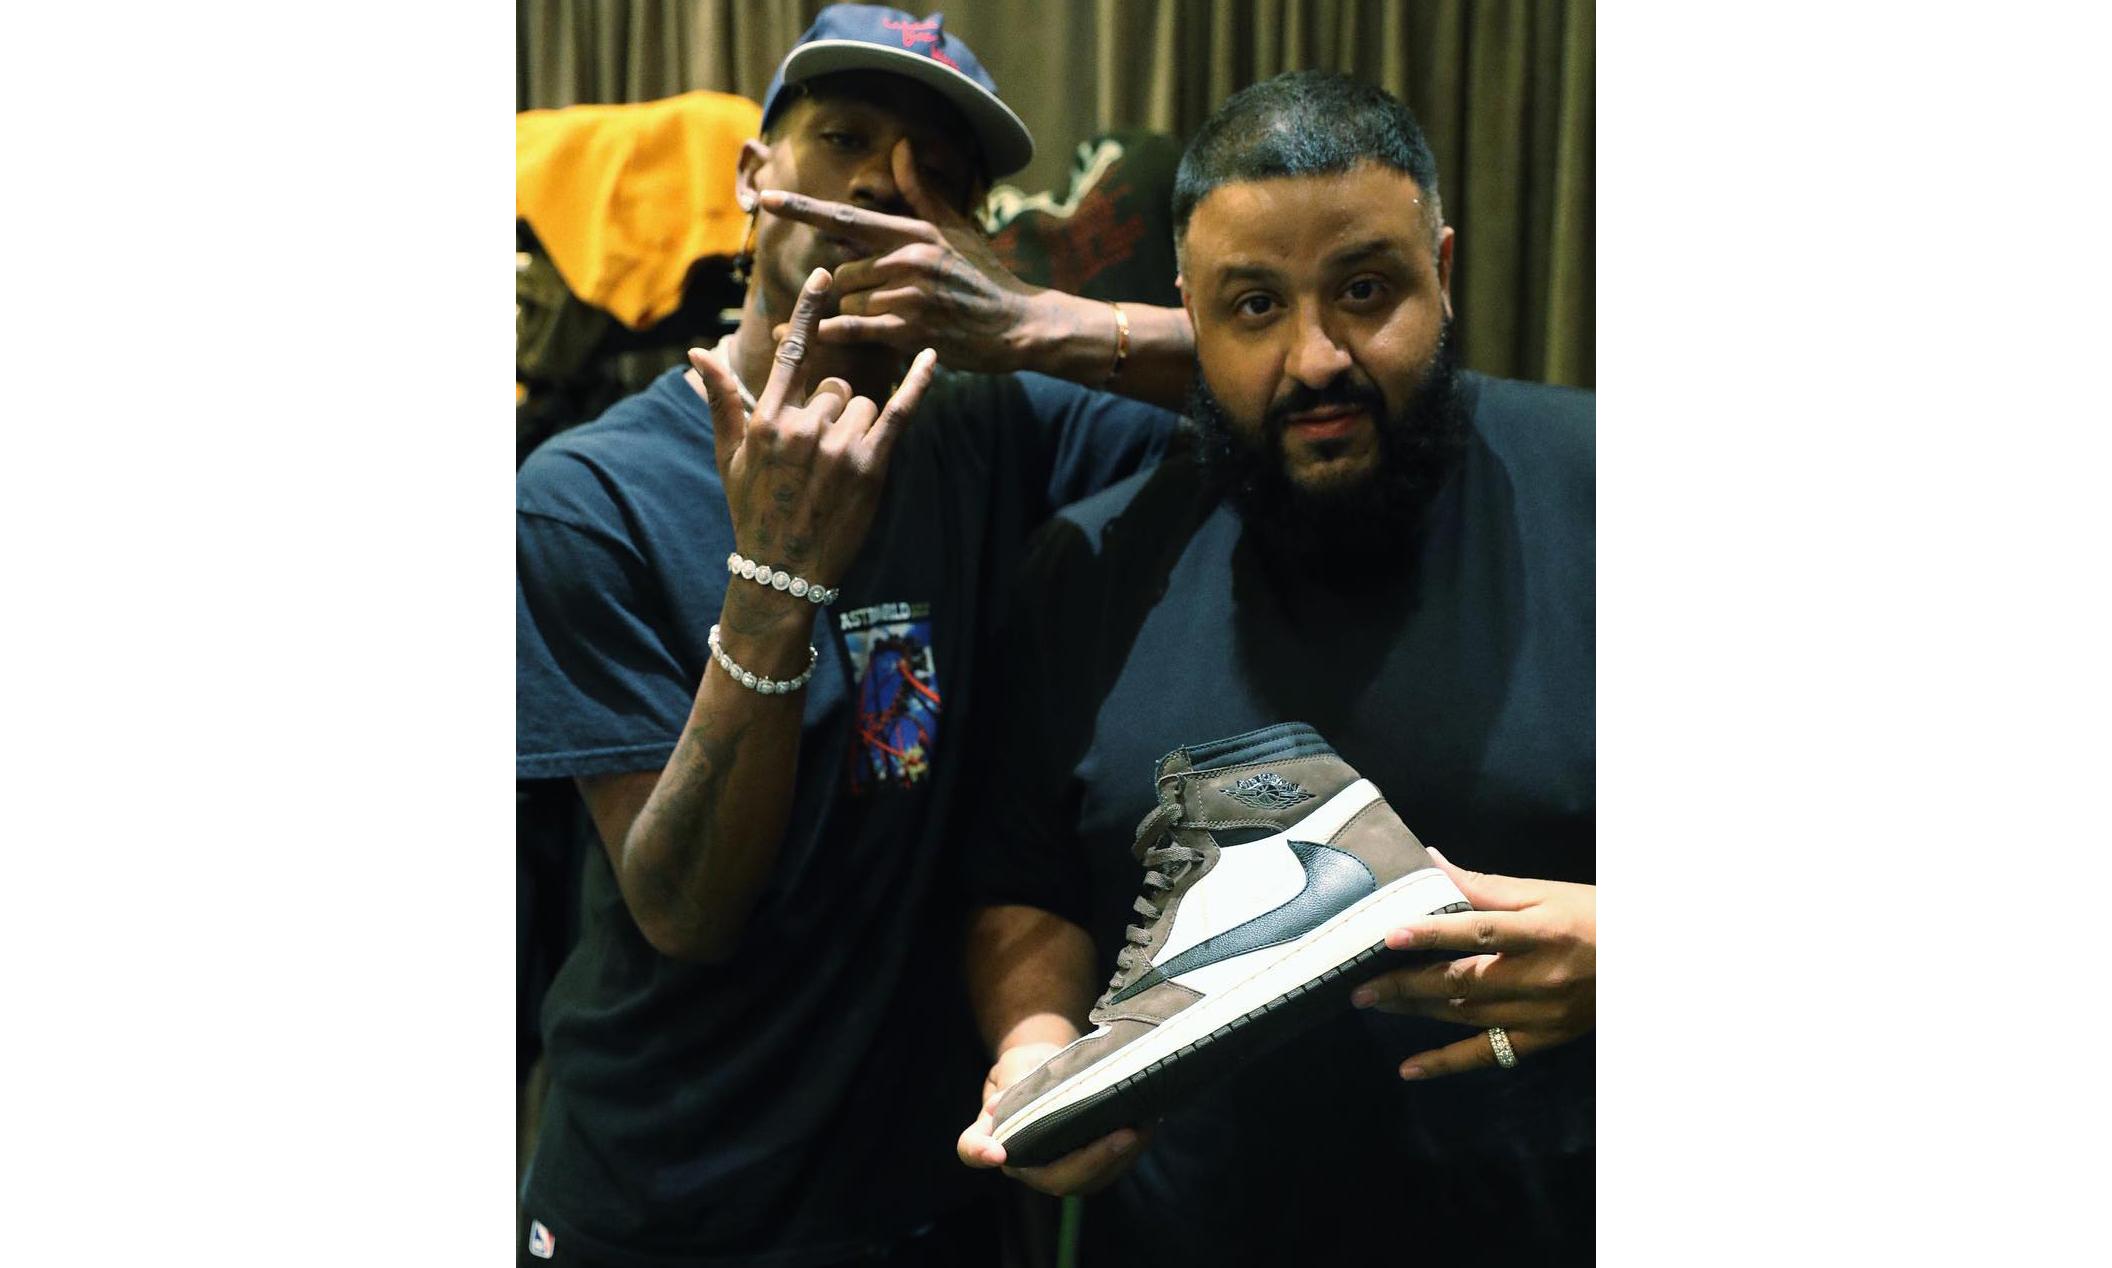 DJ Khaled 首曝 Travis Scott x Air Jordan I 清晰实物照